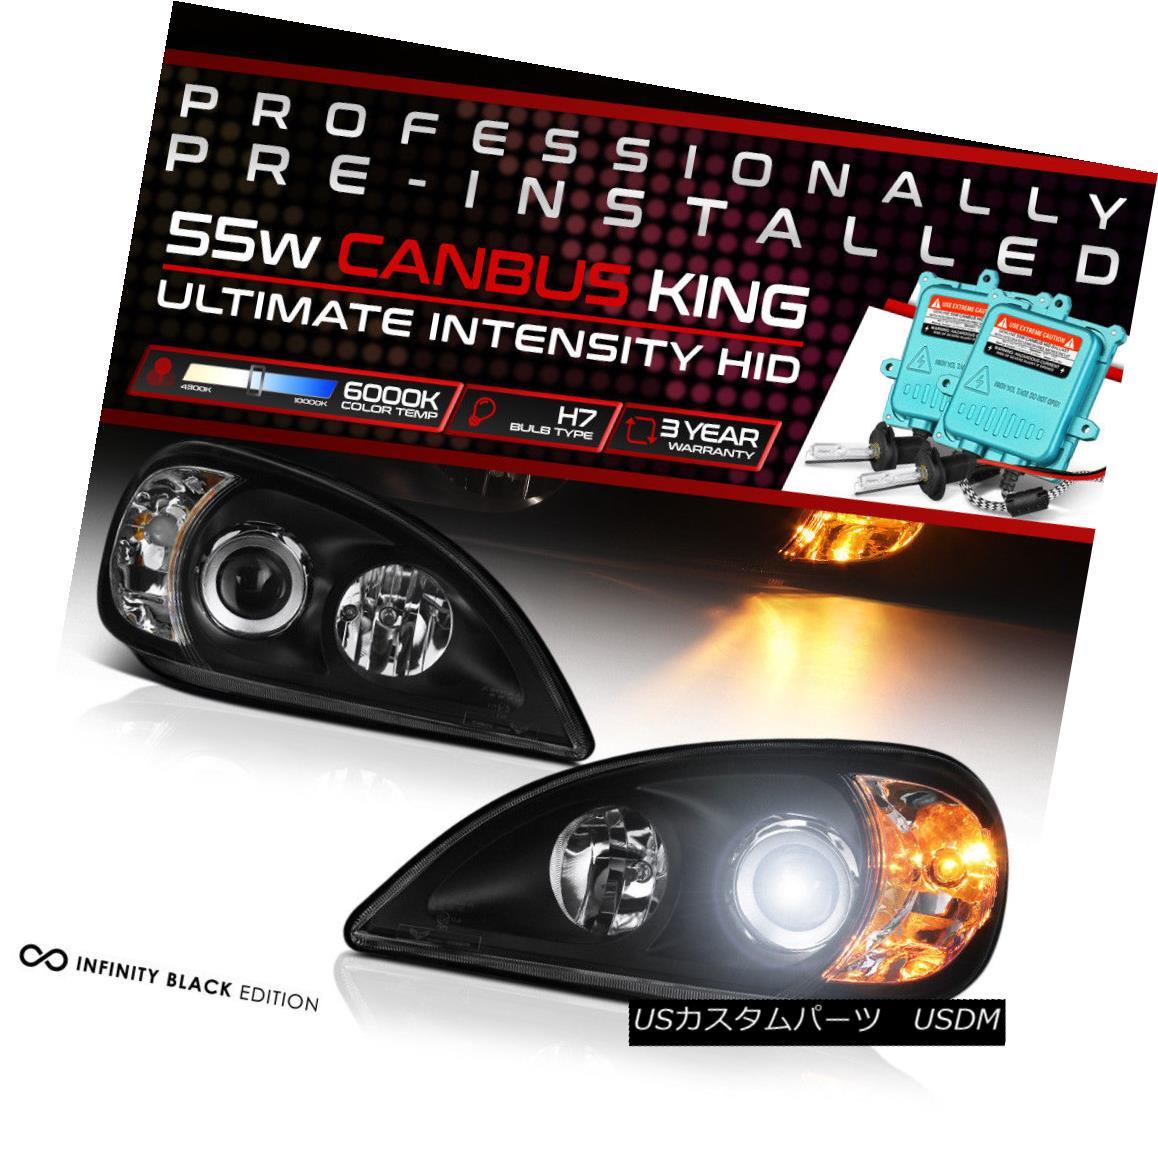 ヘッドライト 1998-2001 Mercedes Benz Head Lights Assembly PAIR [Color Changing LED Low Beam] 1998-2001 Mercedes Benzヘッドライト組立PAIR [色の変更LEDロービーム]